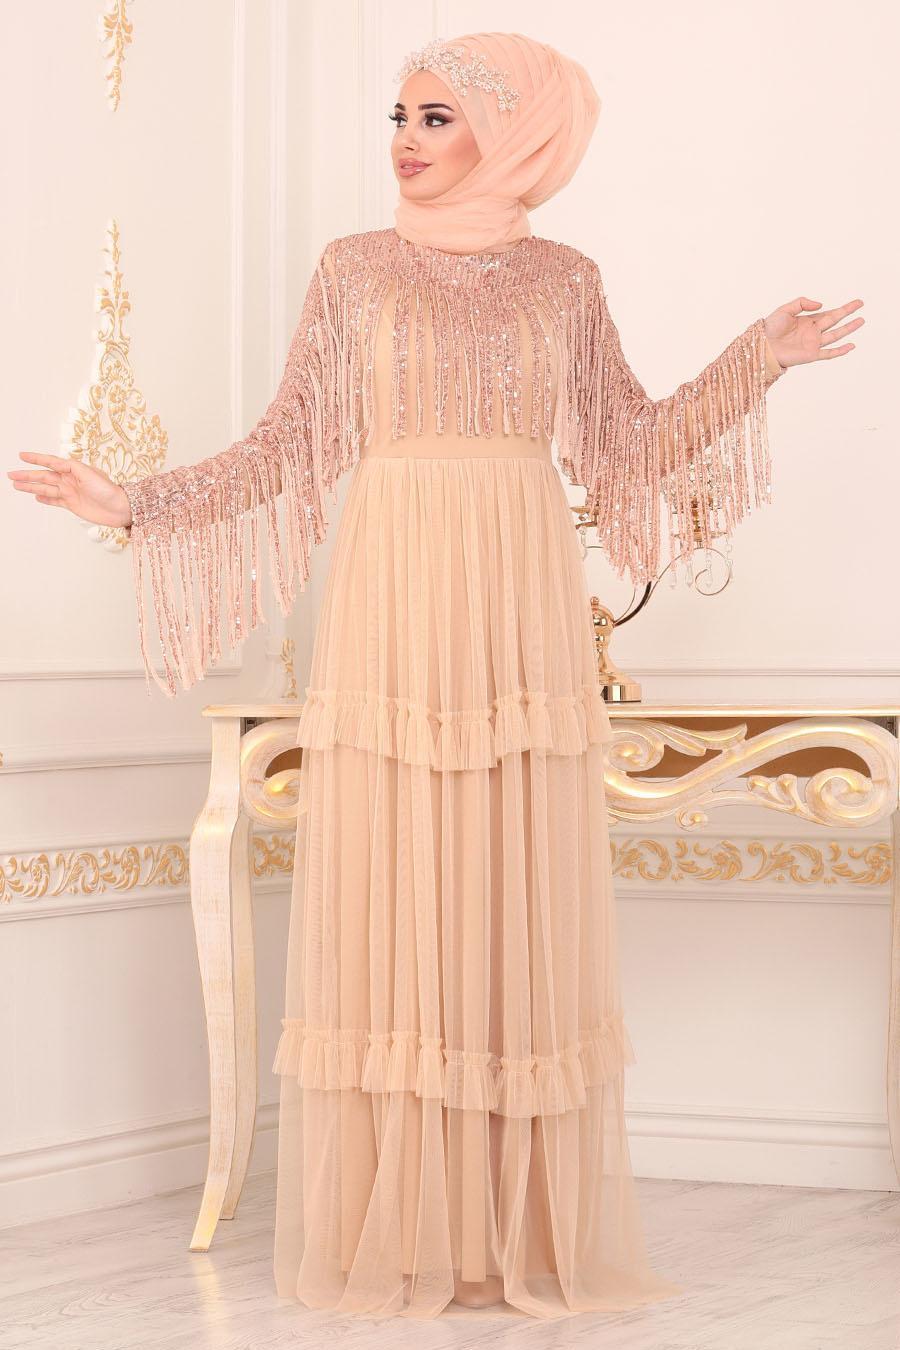 Tesettürlü Abiye Elbise - Püsküllü Gold Tesettürlü Abiye Elbise 8593GOLD